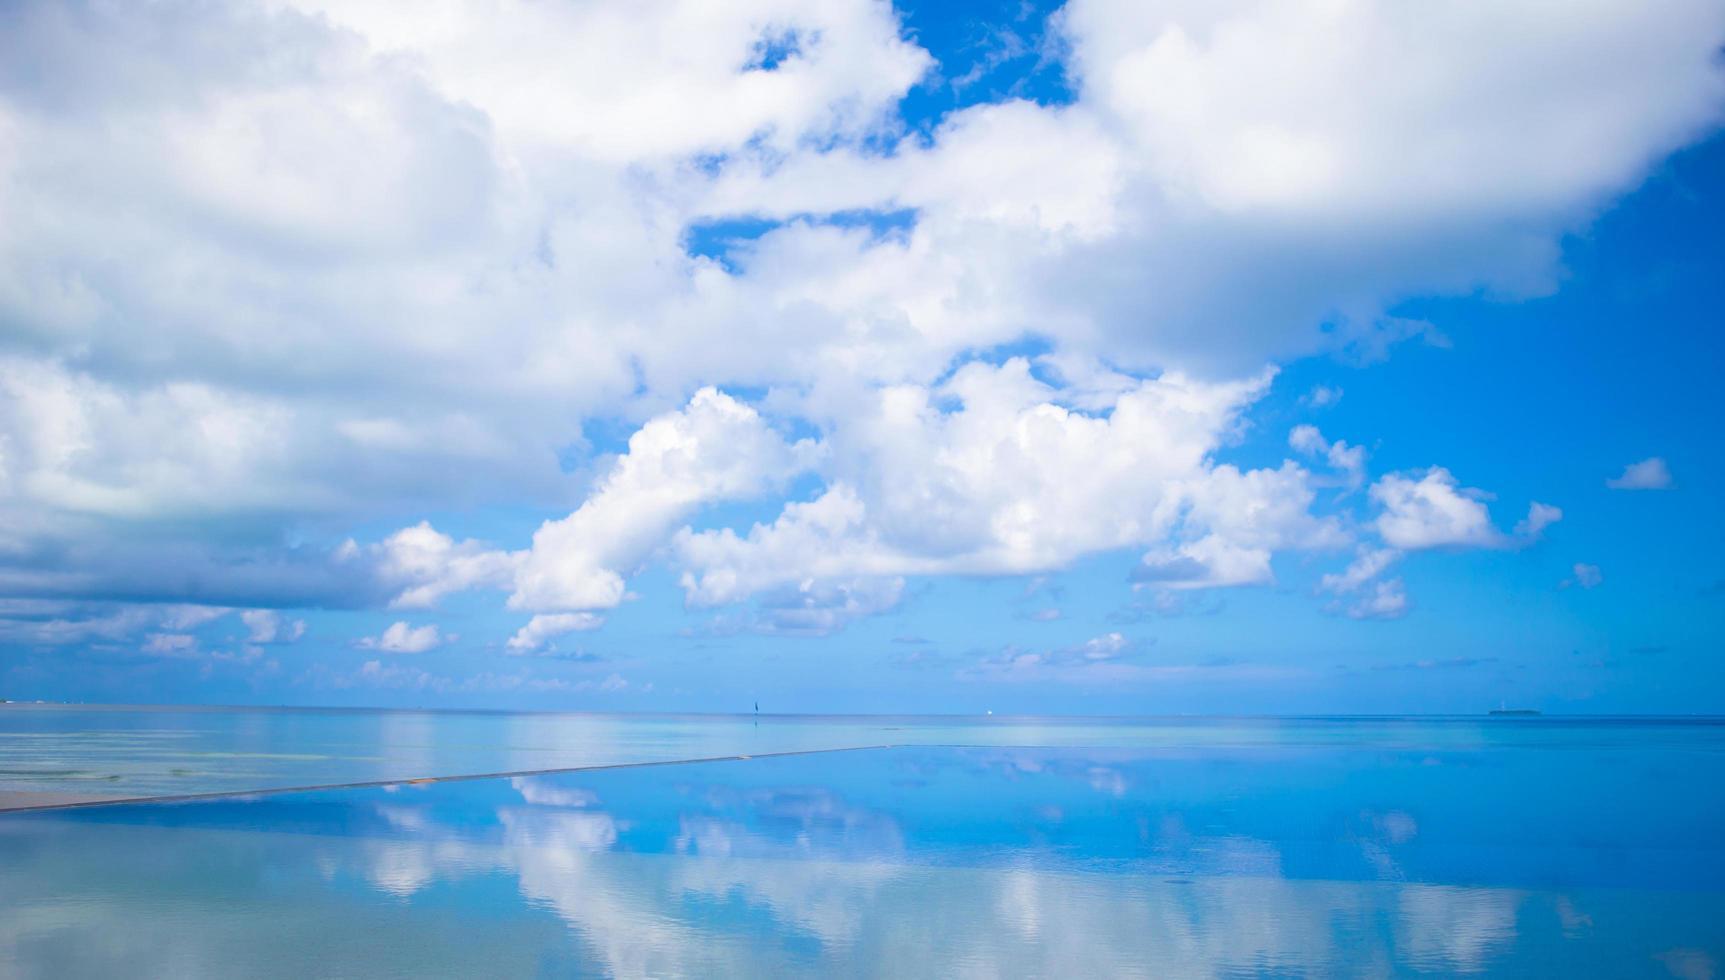 nubes sobre el océano foto